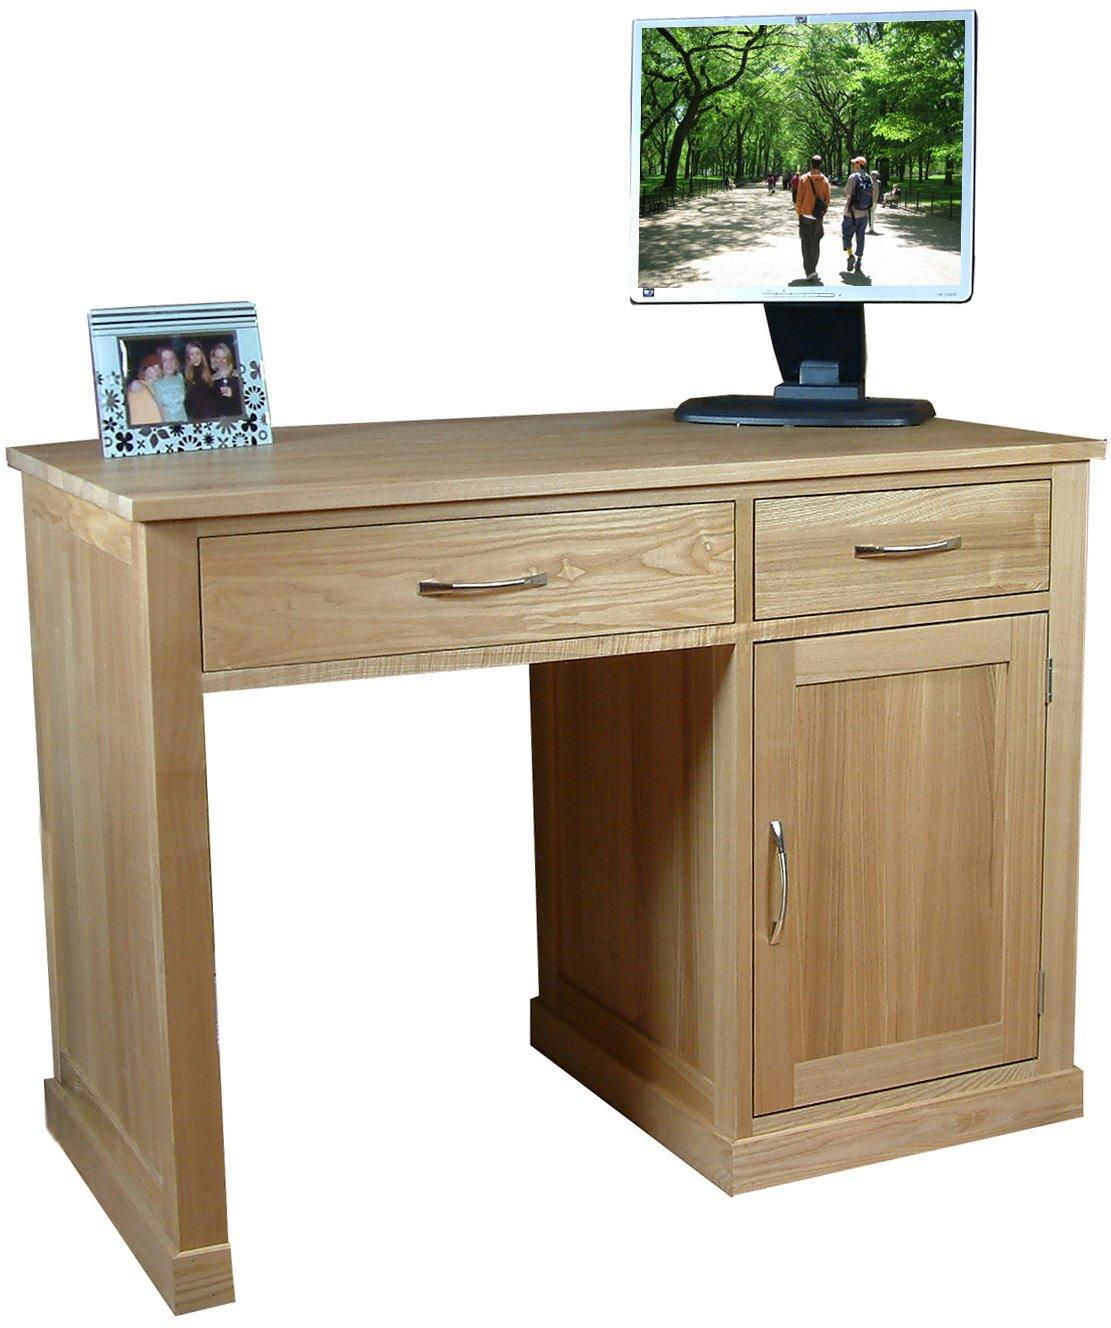 Mobel oak single pedestal computer desk for Mobel